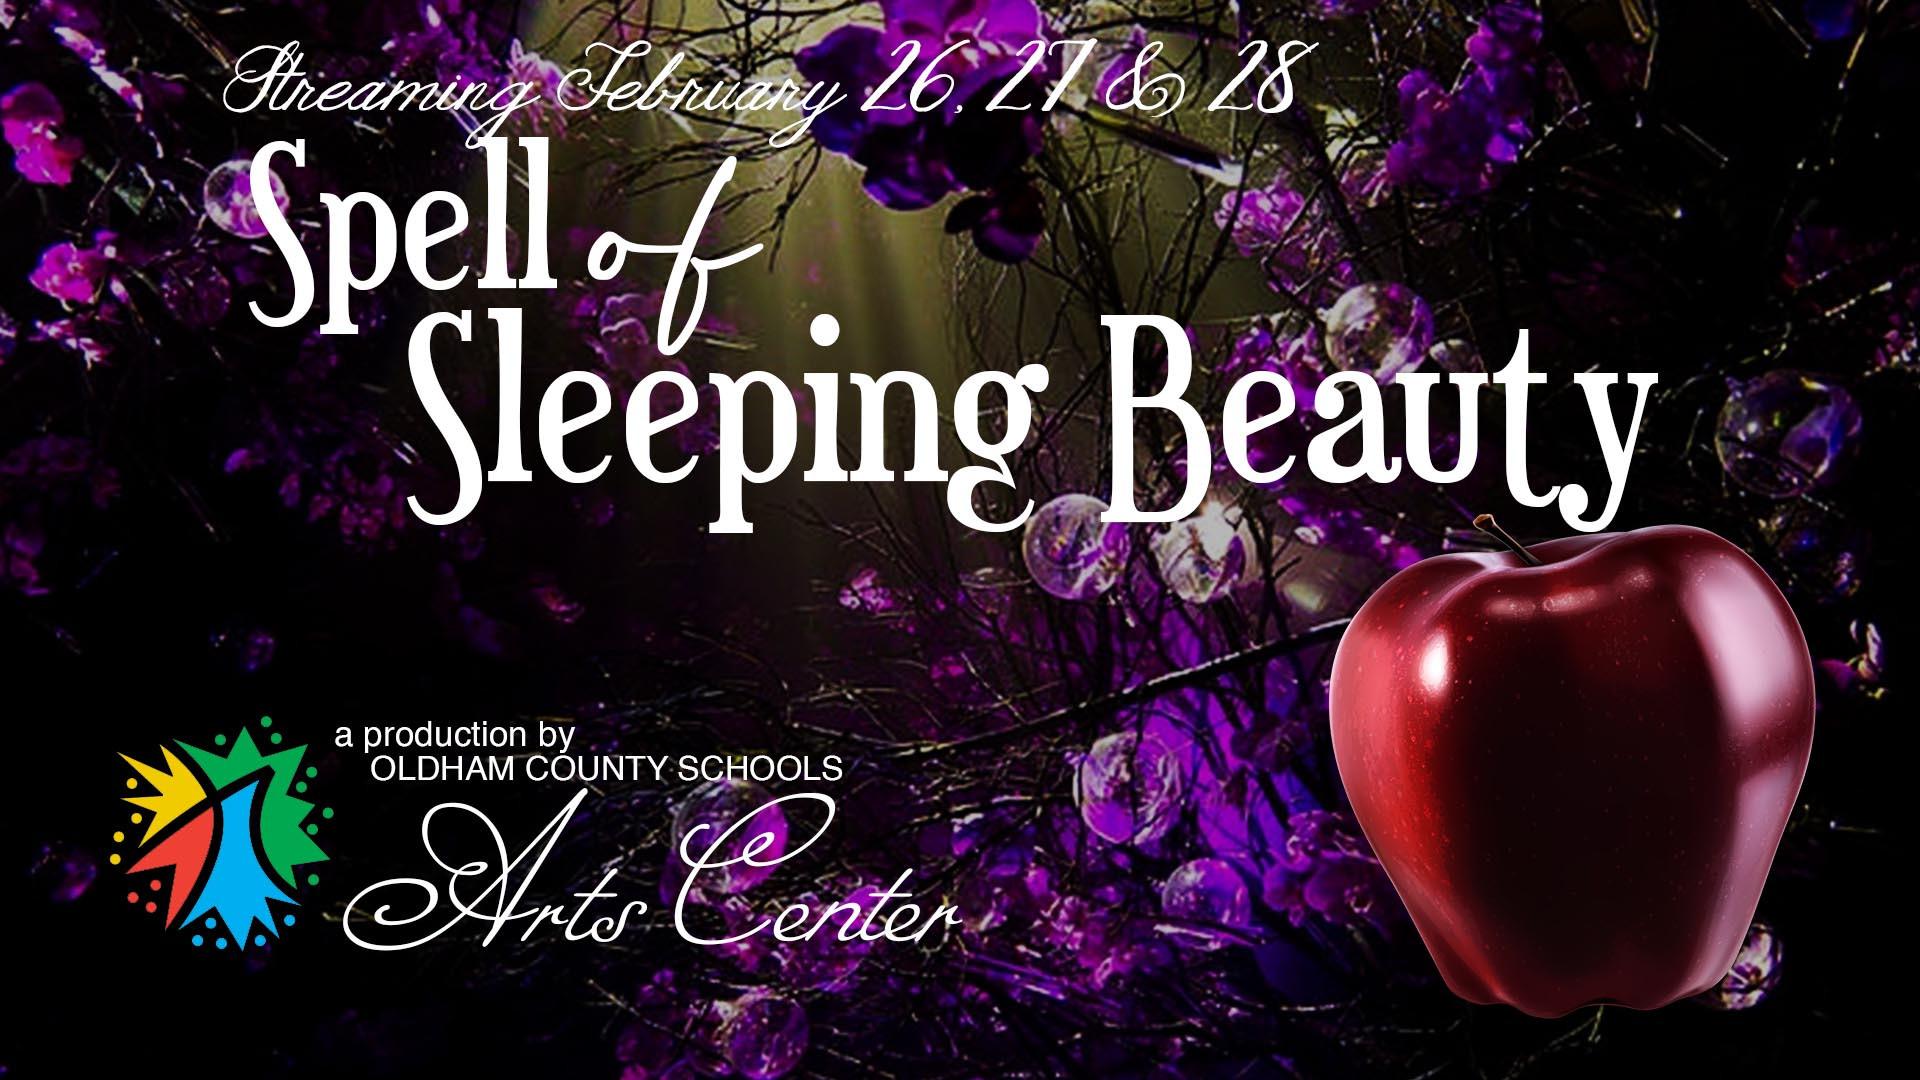 OCSAC-SPell of Sleeping Beauty.jpg